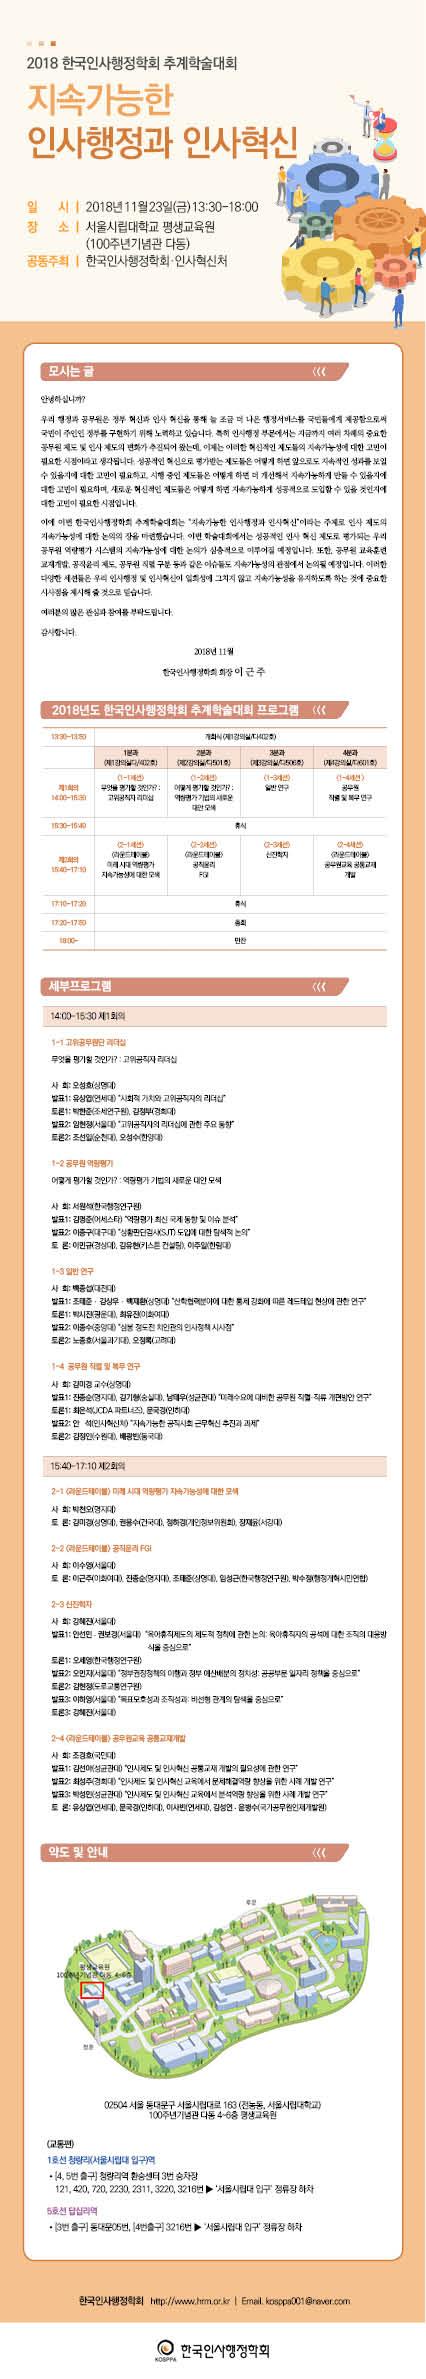 한국인사행정학회 (추계학술대회-지속가능한 인사행정과 인사혁신) 웹초대장_최종.jpg